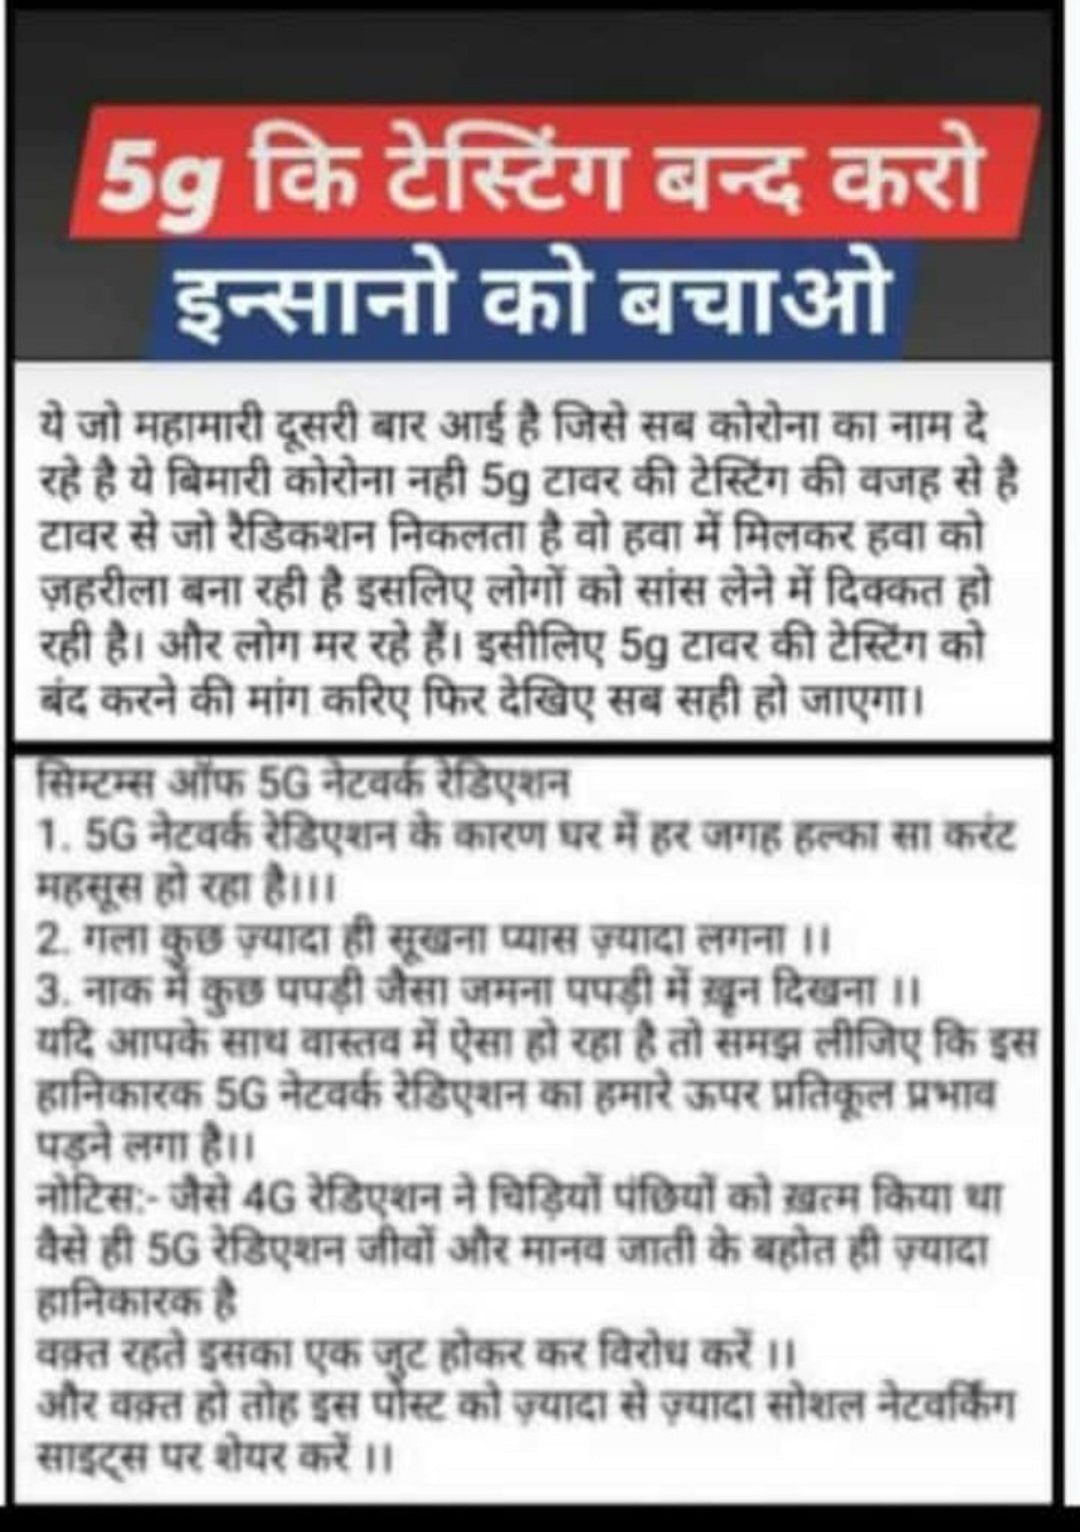 viral post on social media